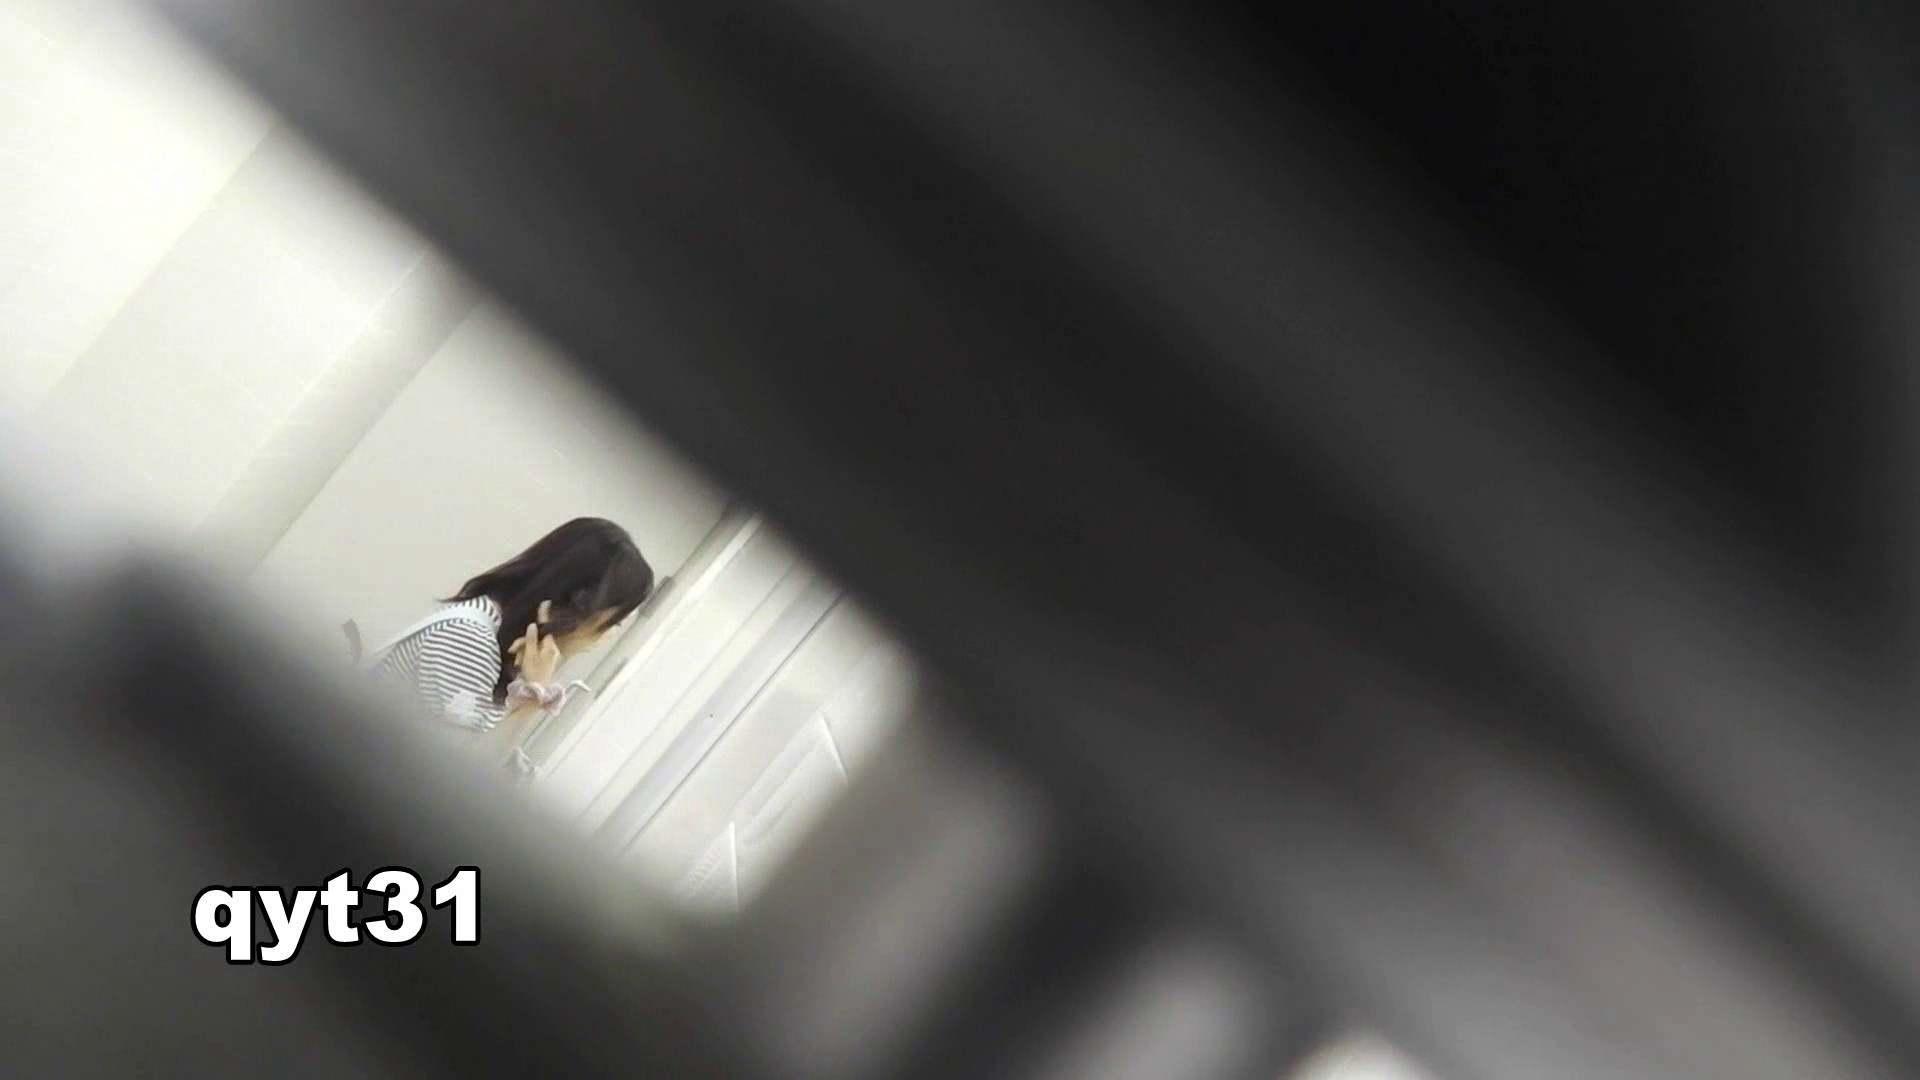 ヤリマンのオマンコ:お銀さんの「洗面所突入レポート!!」 vol.31 Σ(||゚Д゚)ヒィ~!!:怪盗ジョーカー